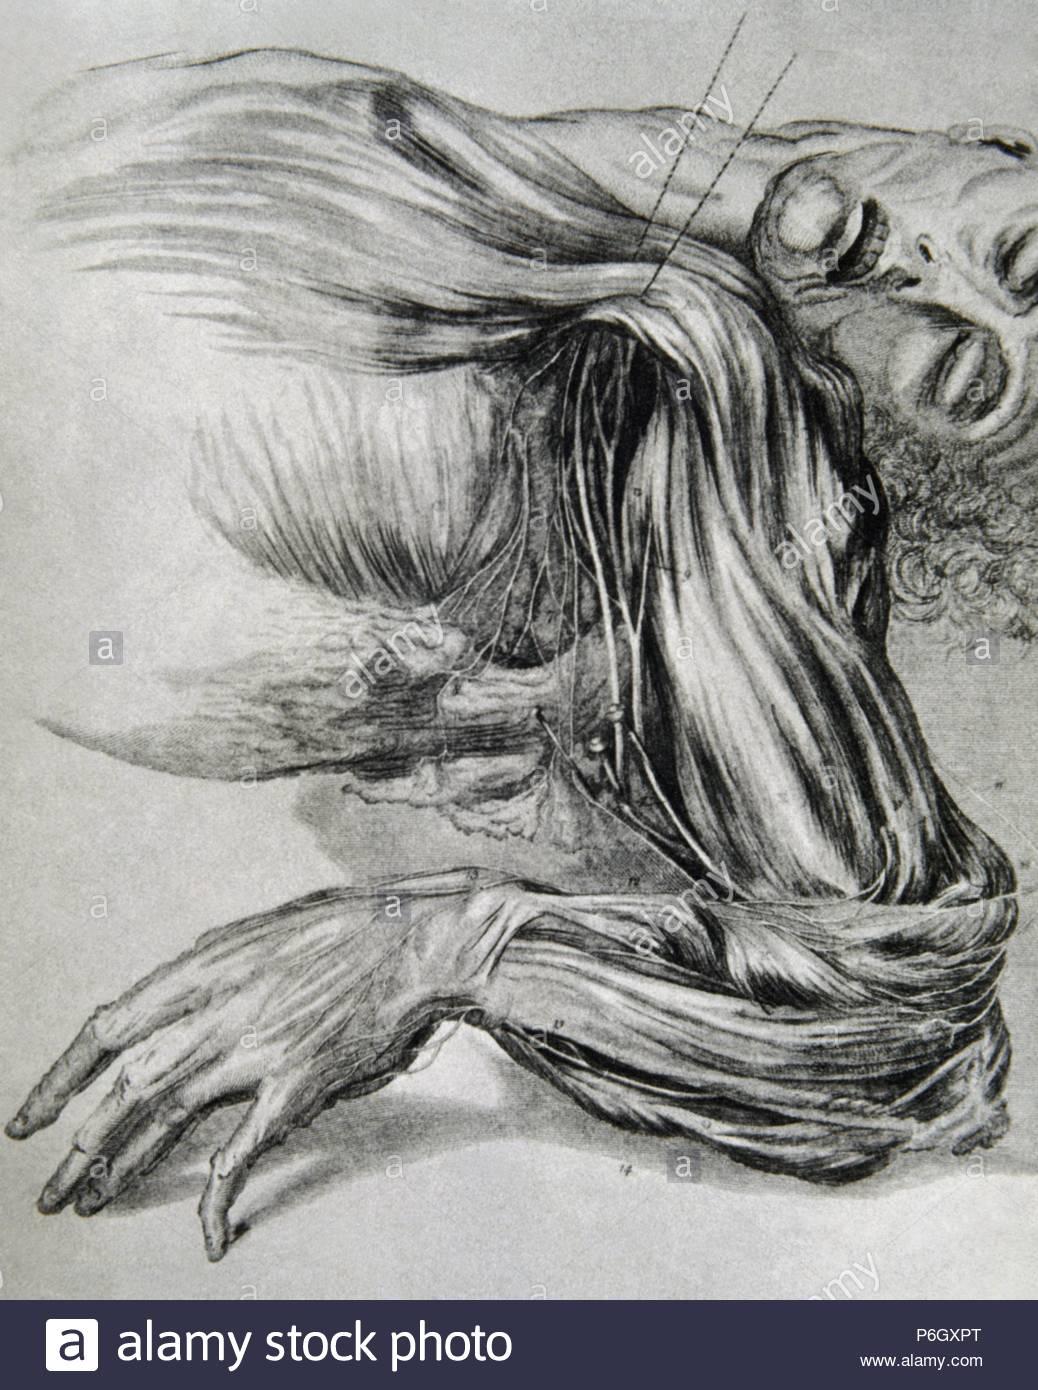 Geschichte der Medizin. Zeichnung aus einem Studium der Anatomie ...